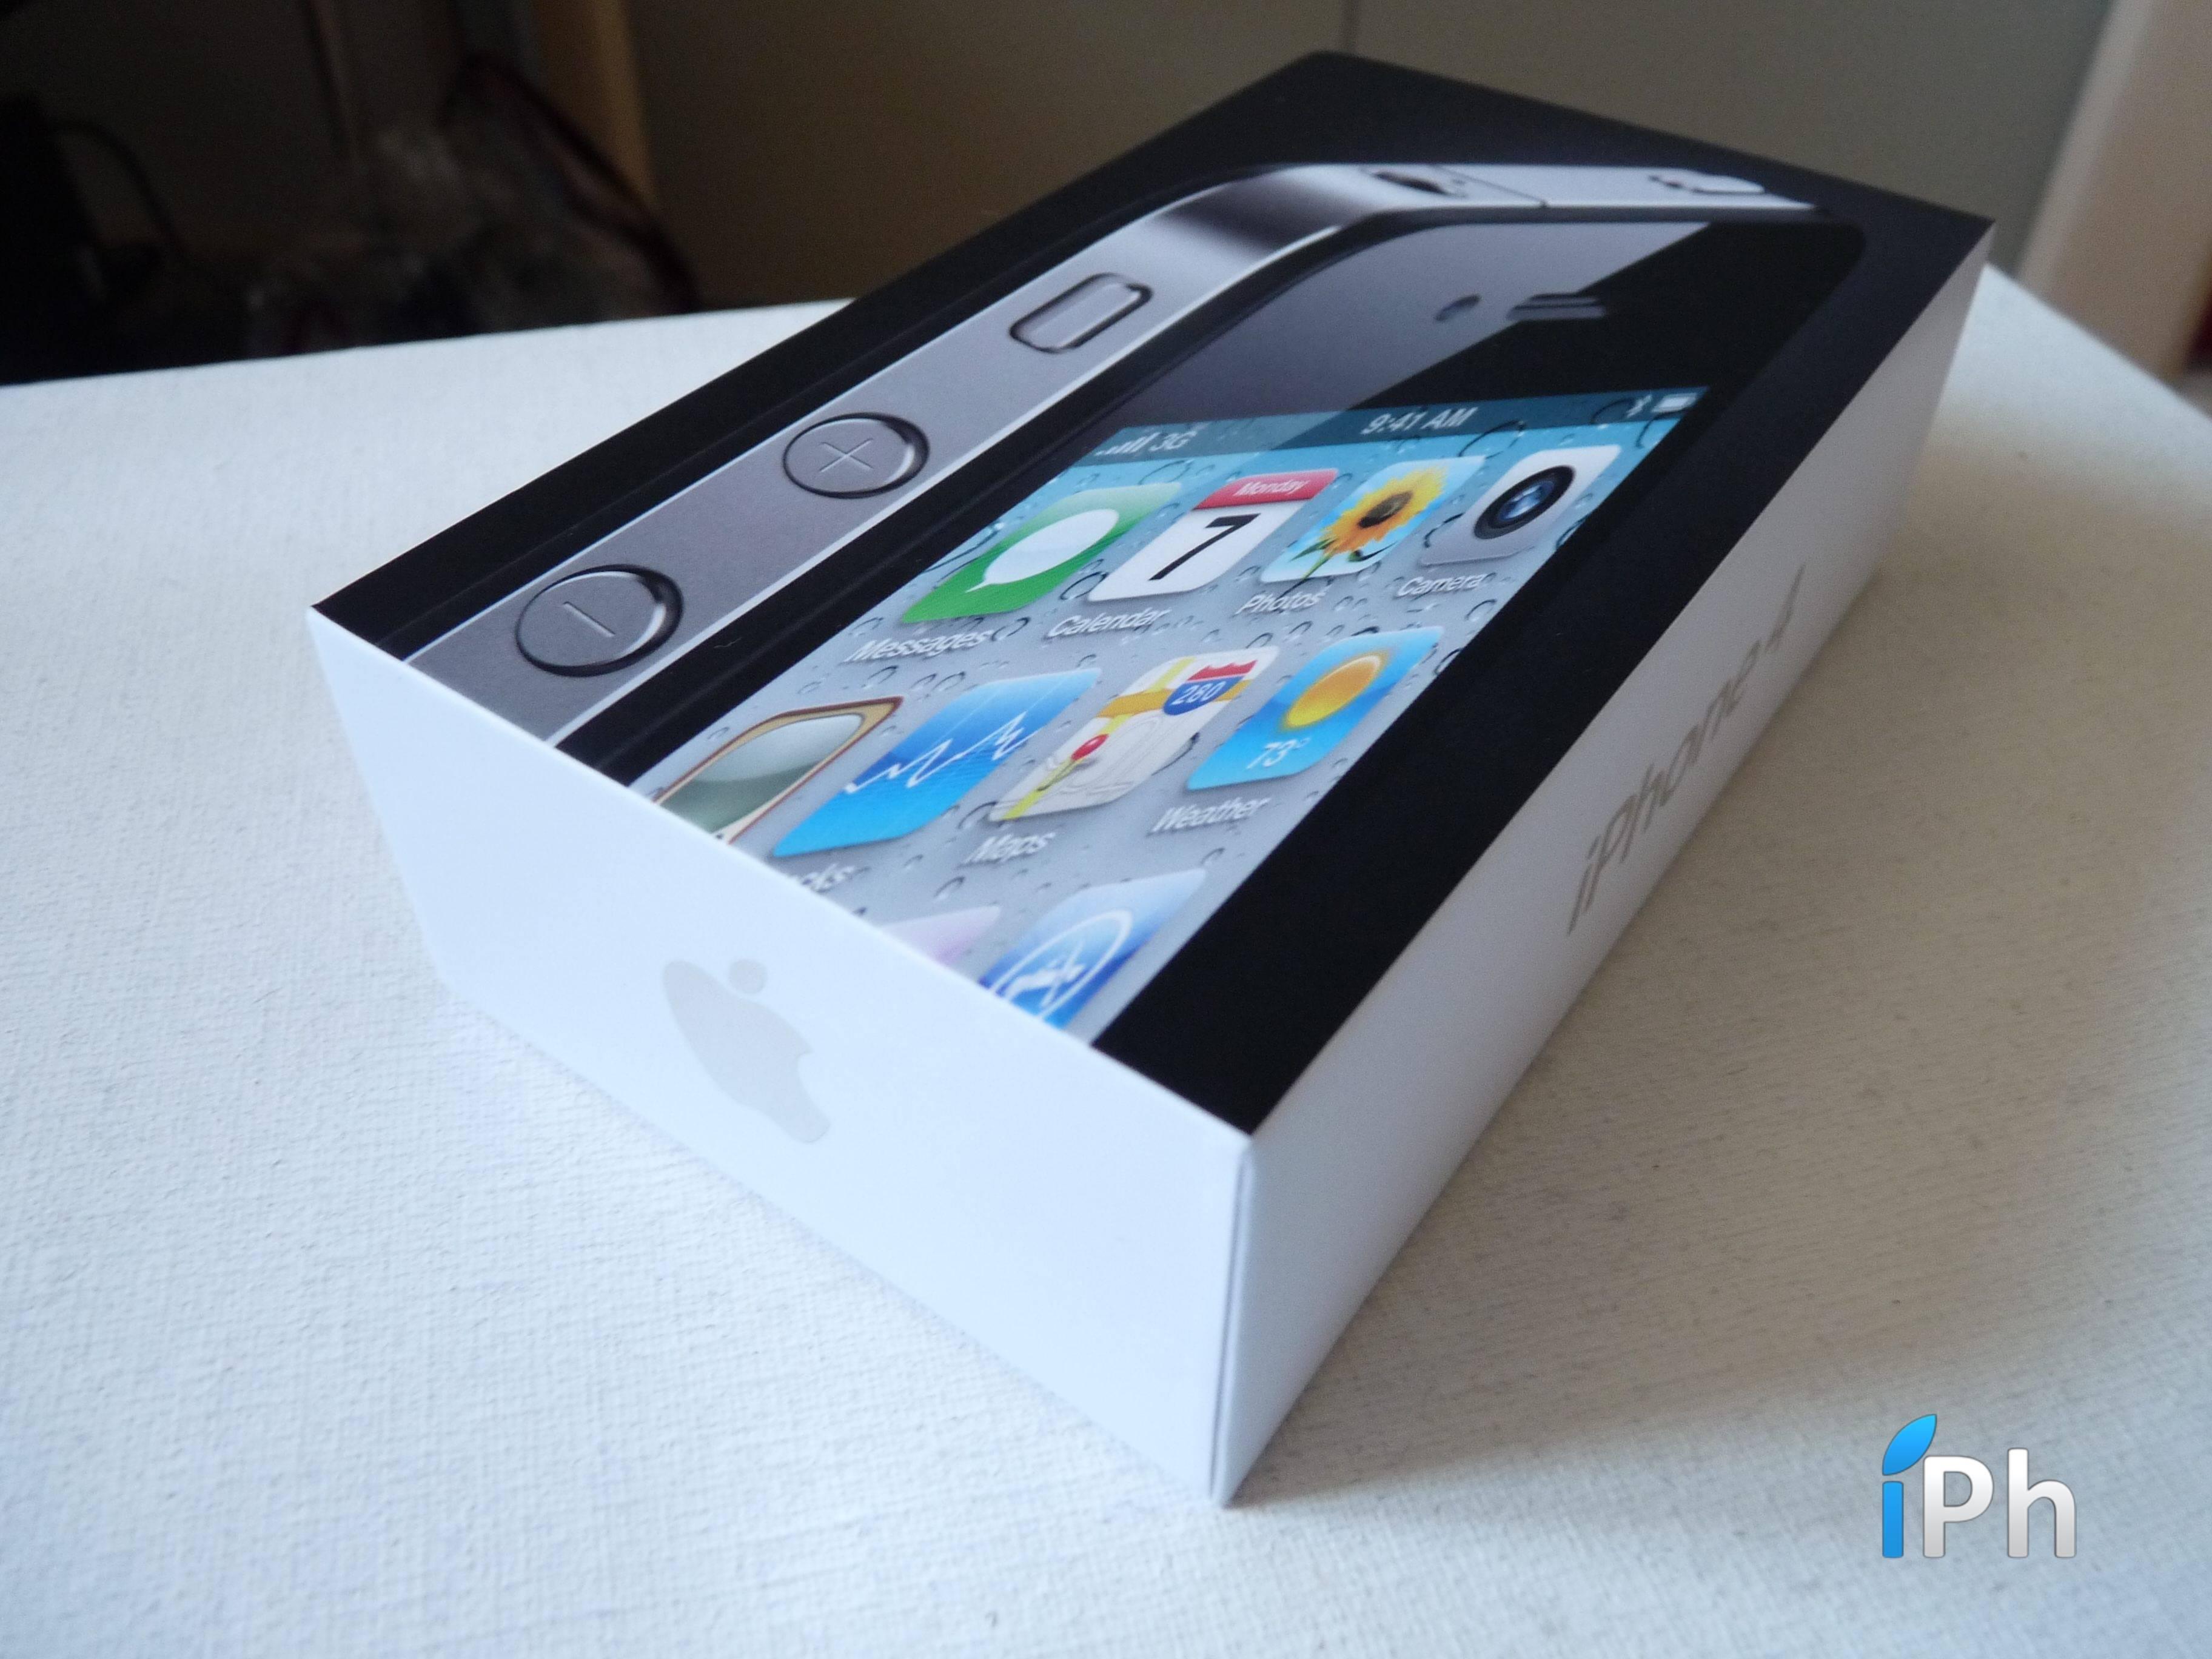 P1140447 iPhone 4   Les photos de liPhone 4 Noir par Myk